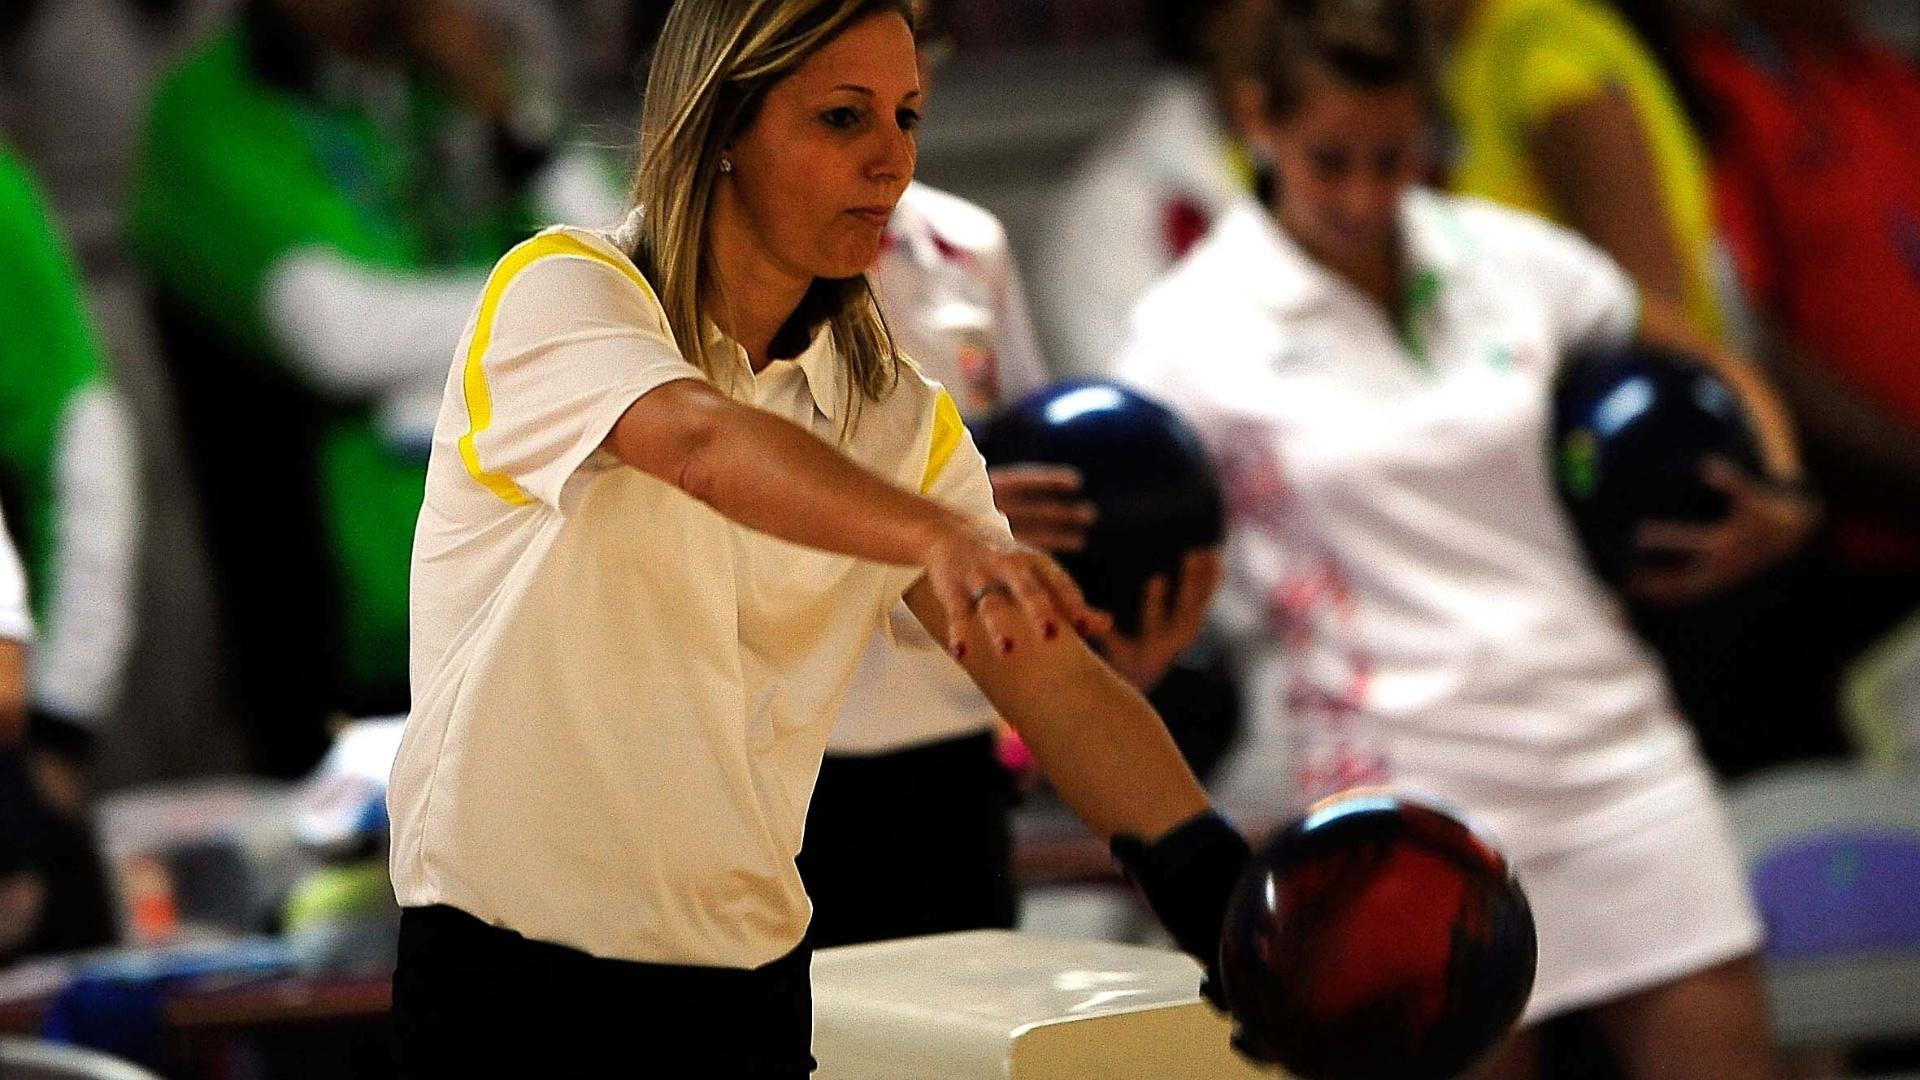 Marizete Scleer disputa competição de duplas do boliche ao lado de Stephanie Martins